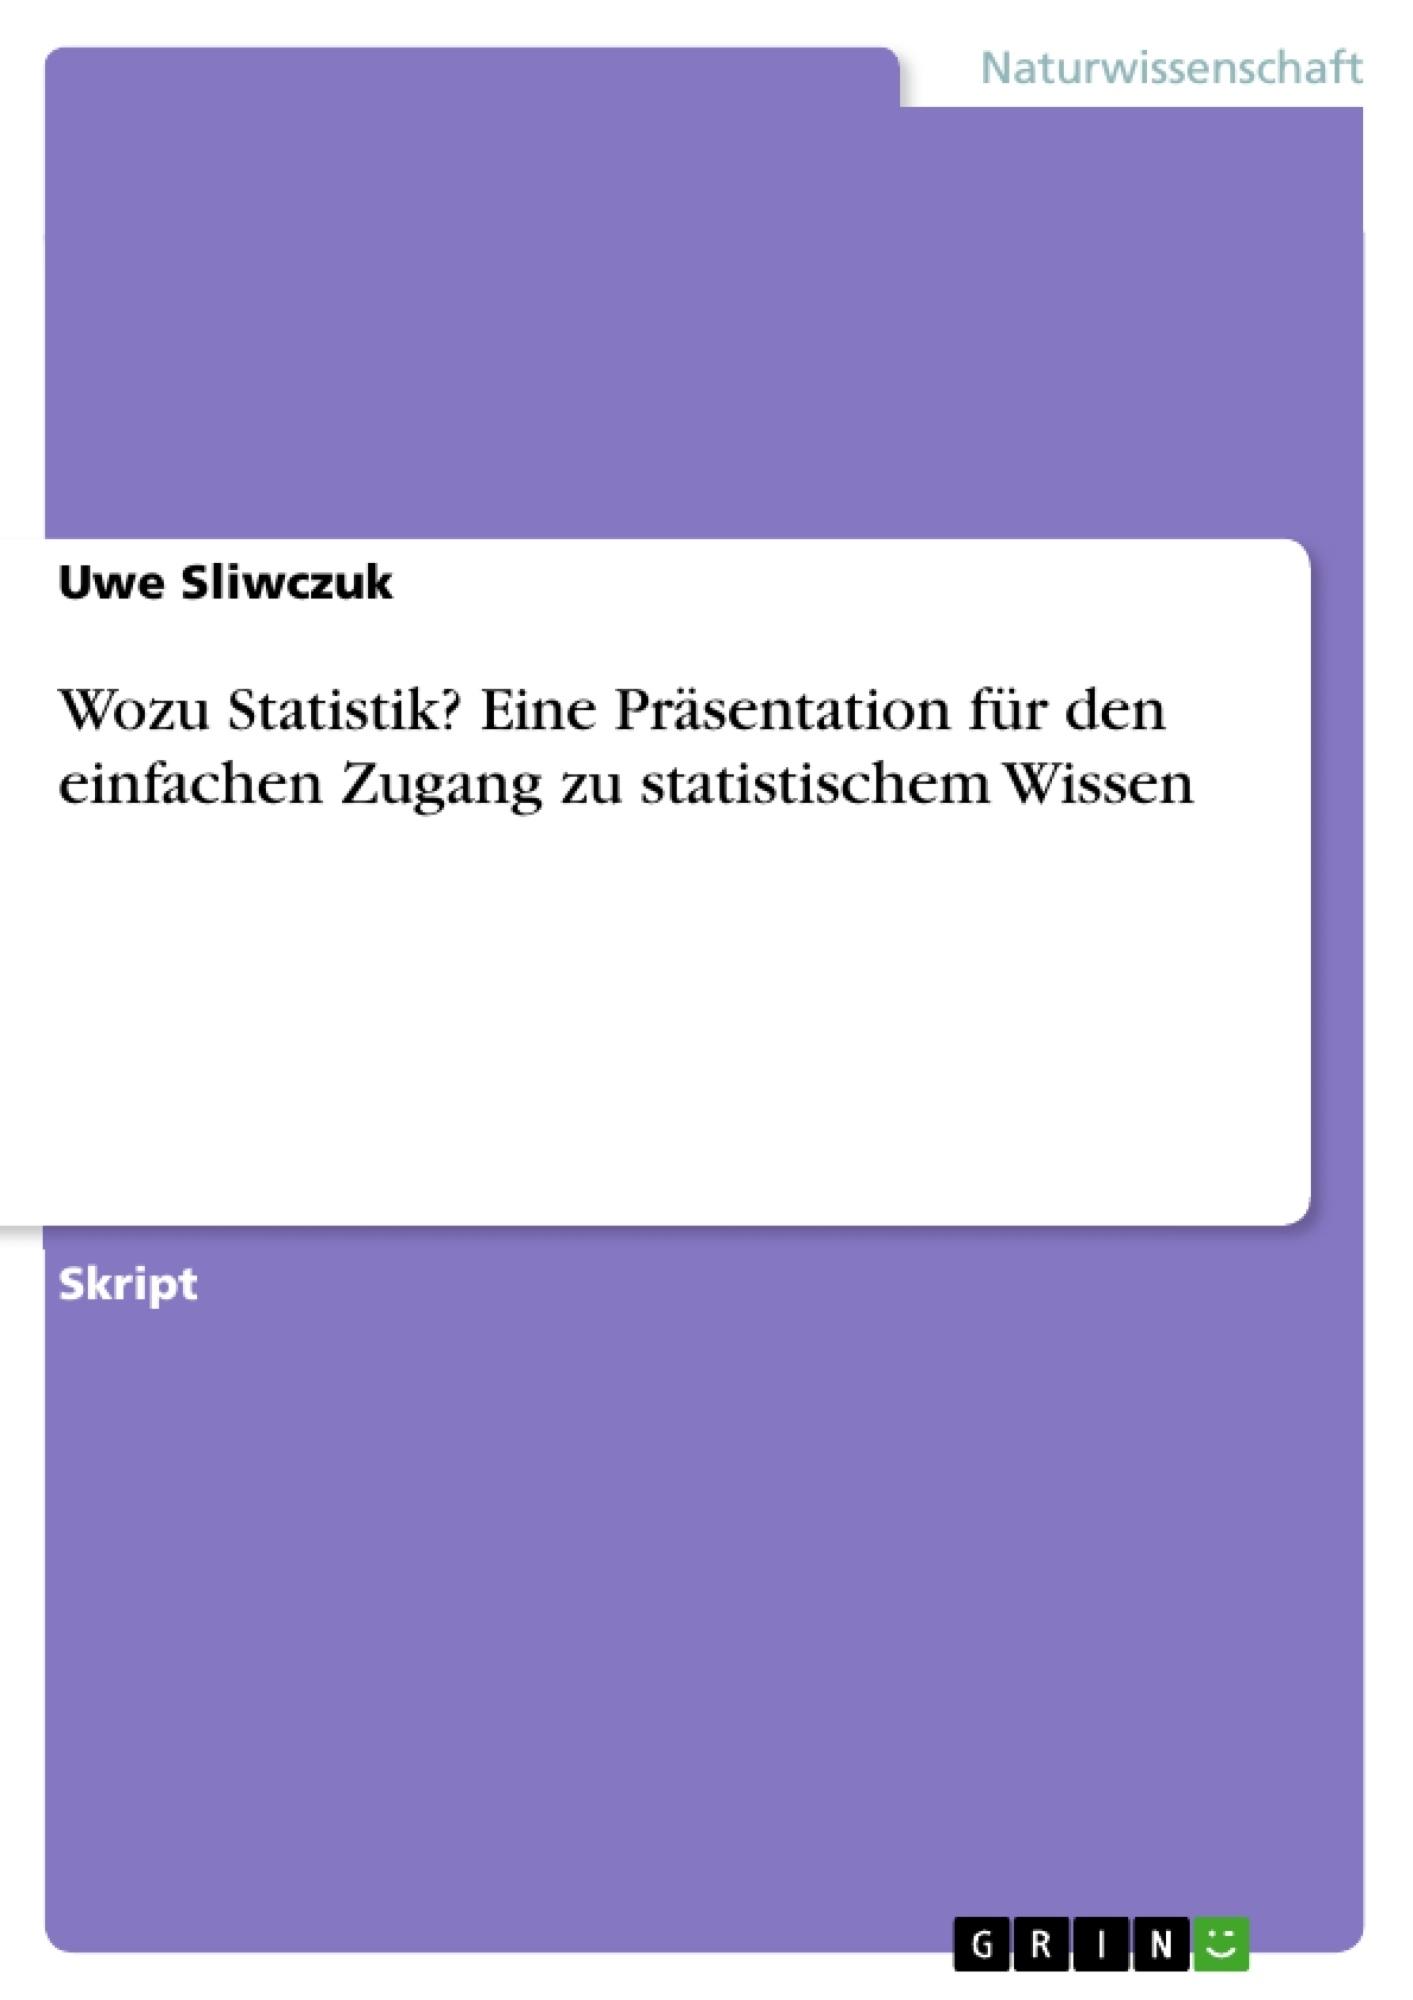 Titel: Wozu Statistik? Eine Präsentation für den einfachen Zugang zu statistischem Wissen